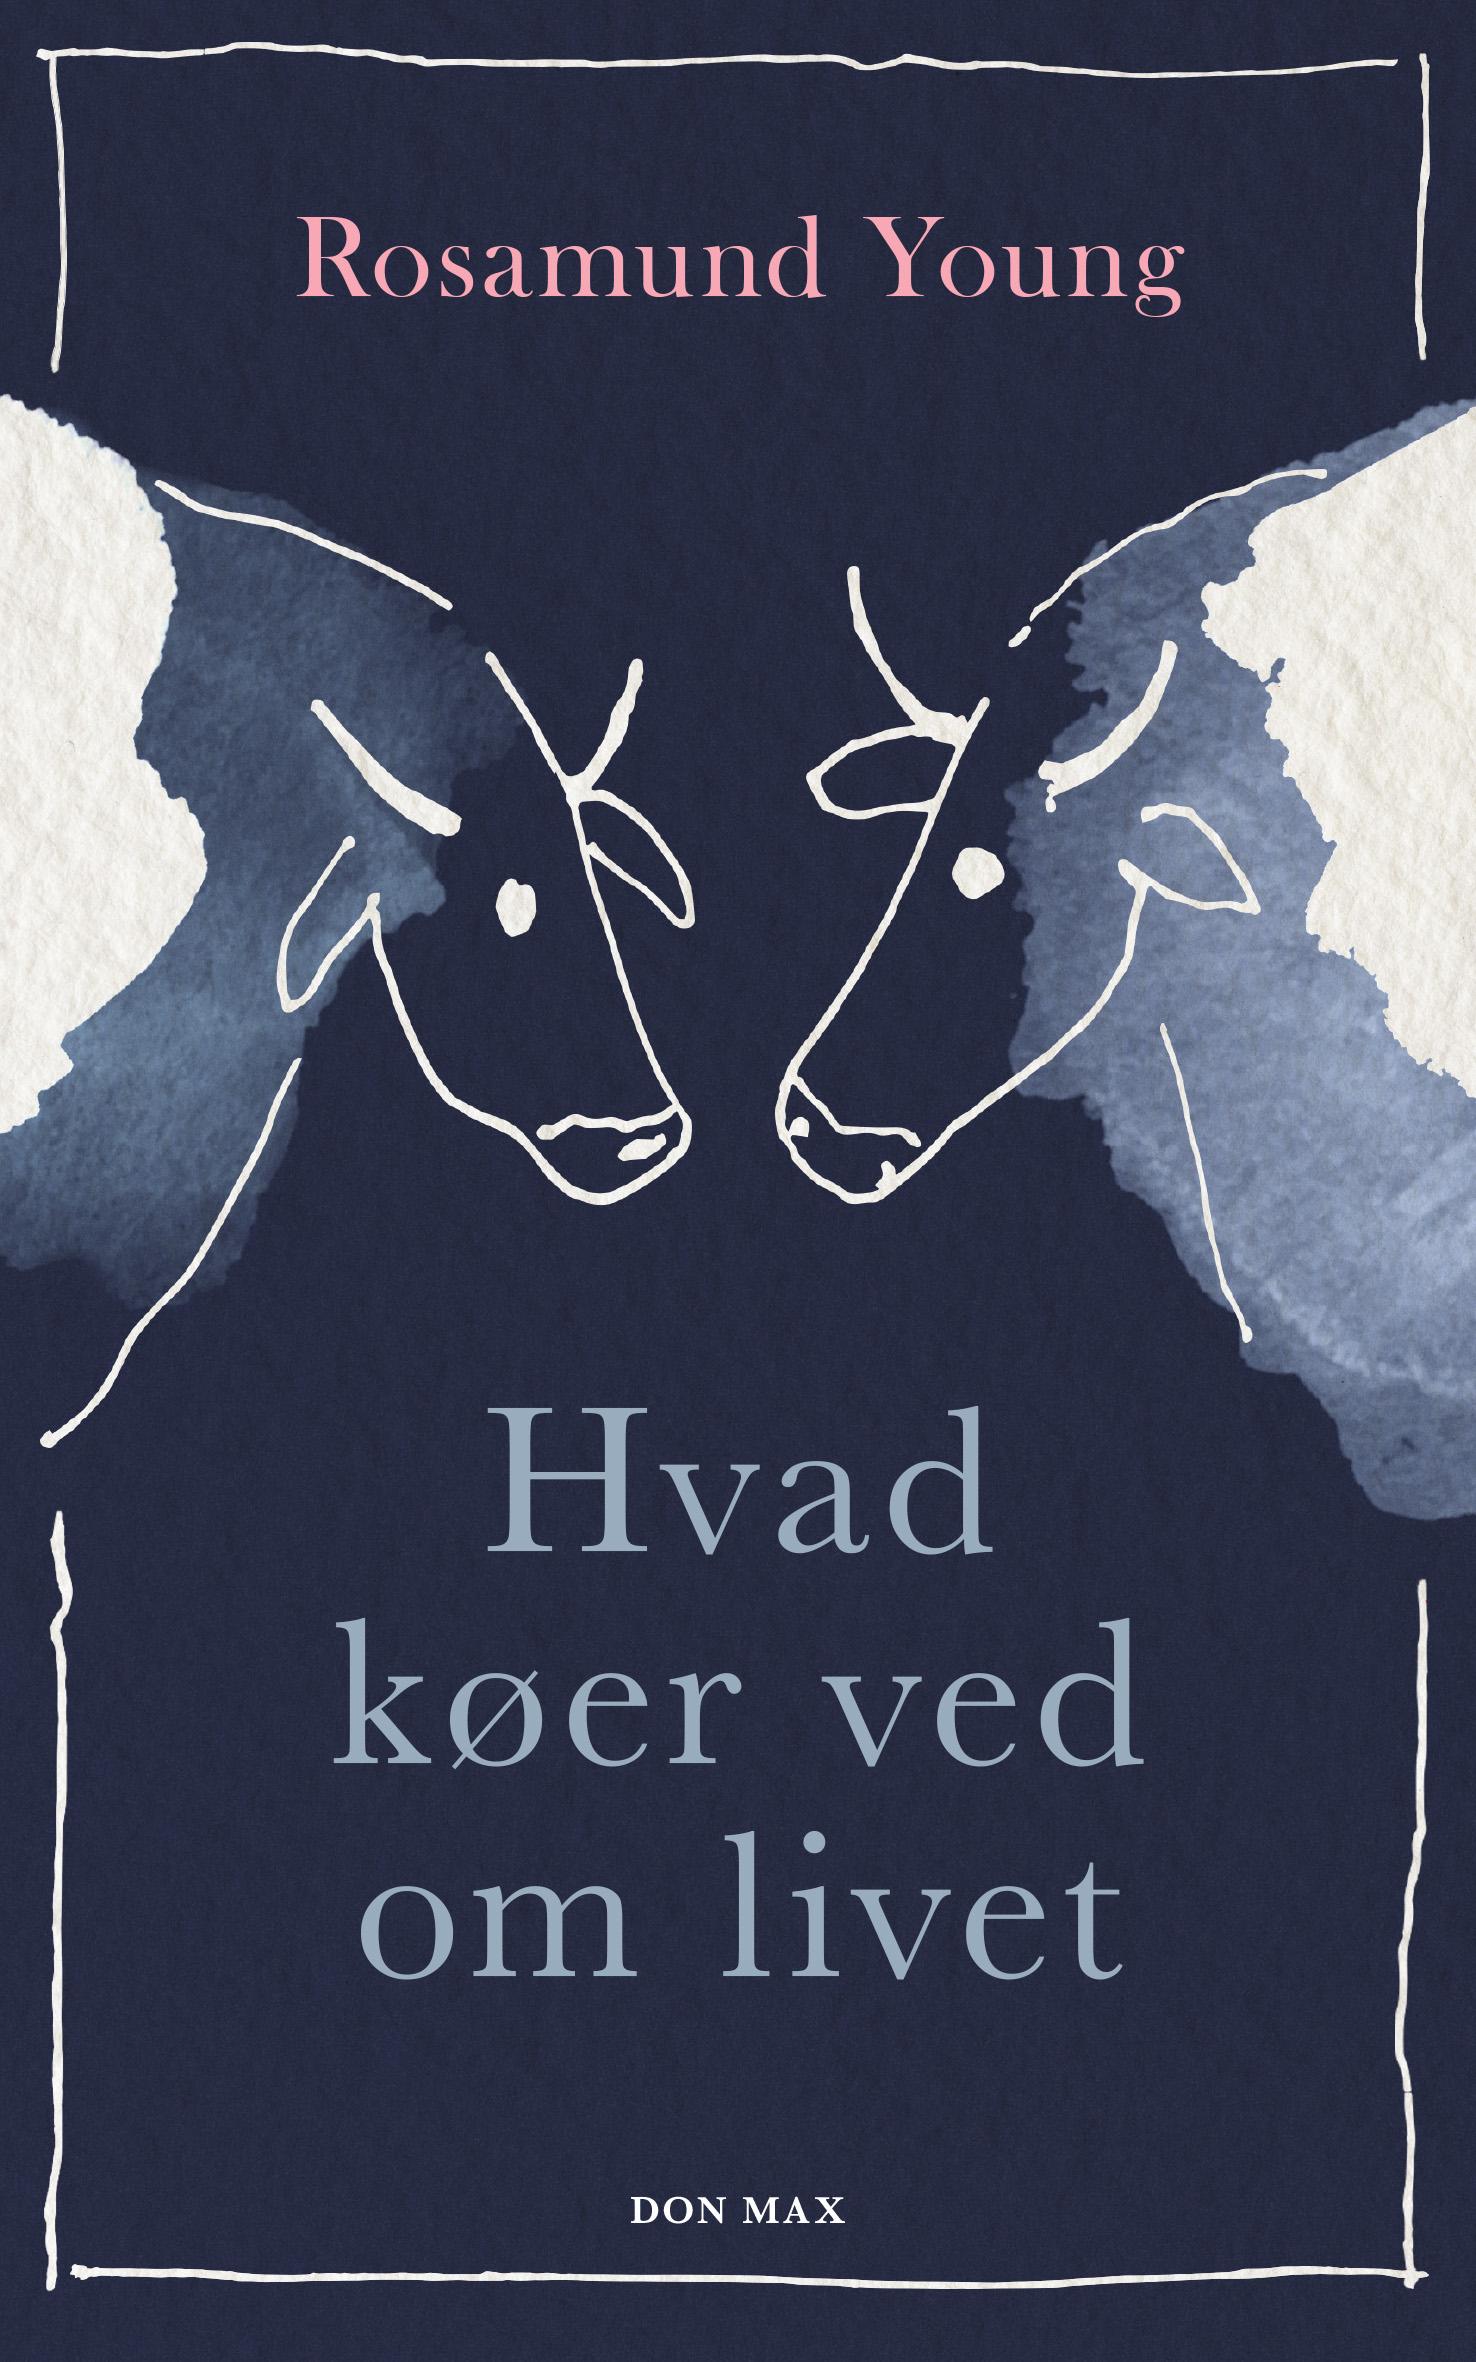 Hvad køer ved om livet - Rosamund Young - Bøger - Don Max - 9788740046168 - 12/4-2018